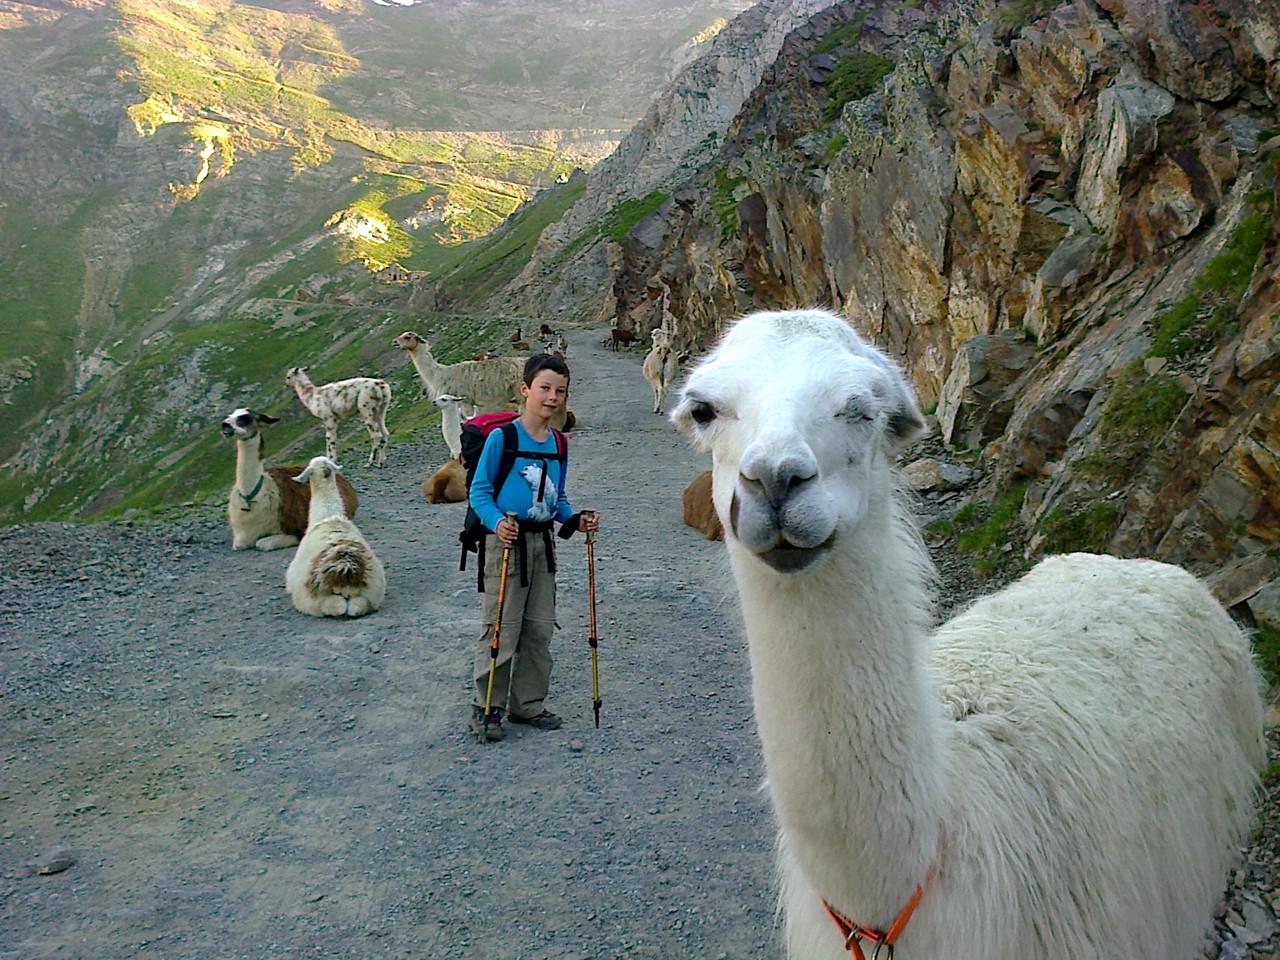 sur les pentes du Pic du Midi de Bigorre